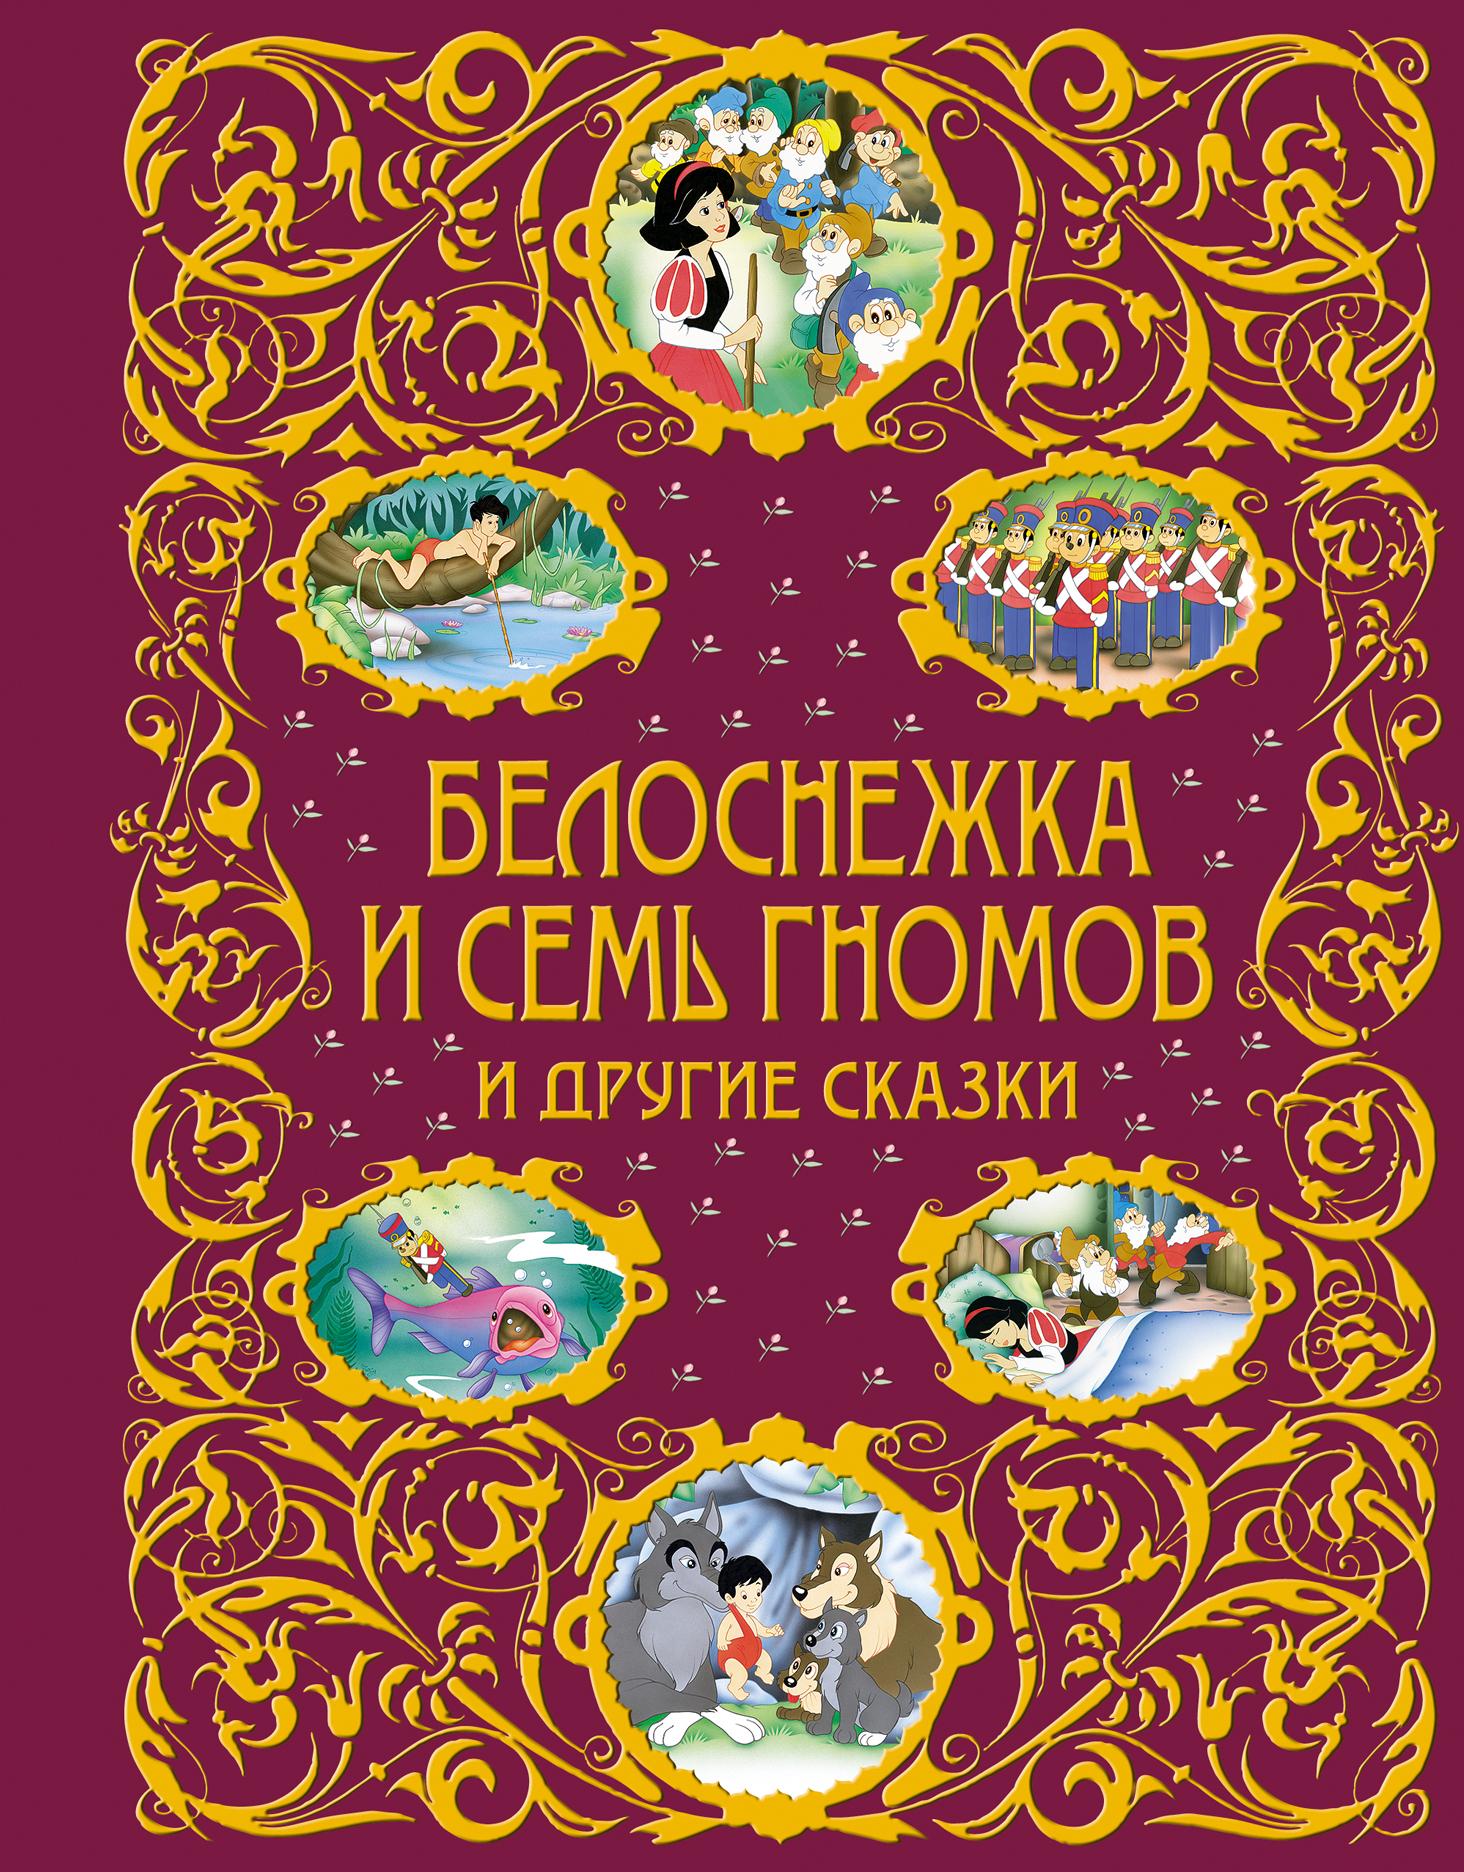 Белоснежка и семь гномов и другие сказки (ст.кор.)